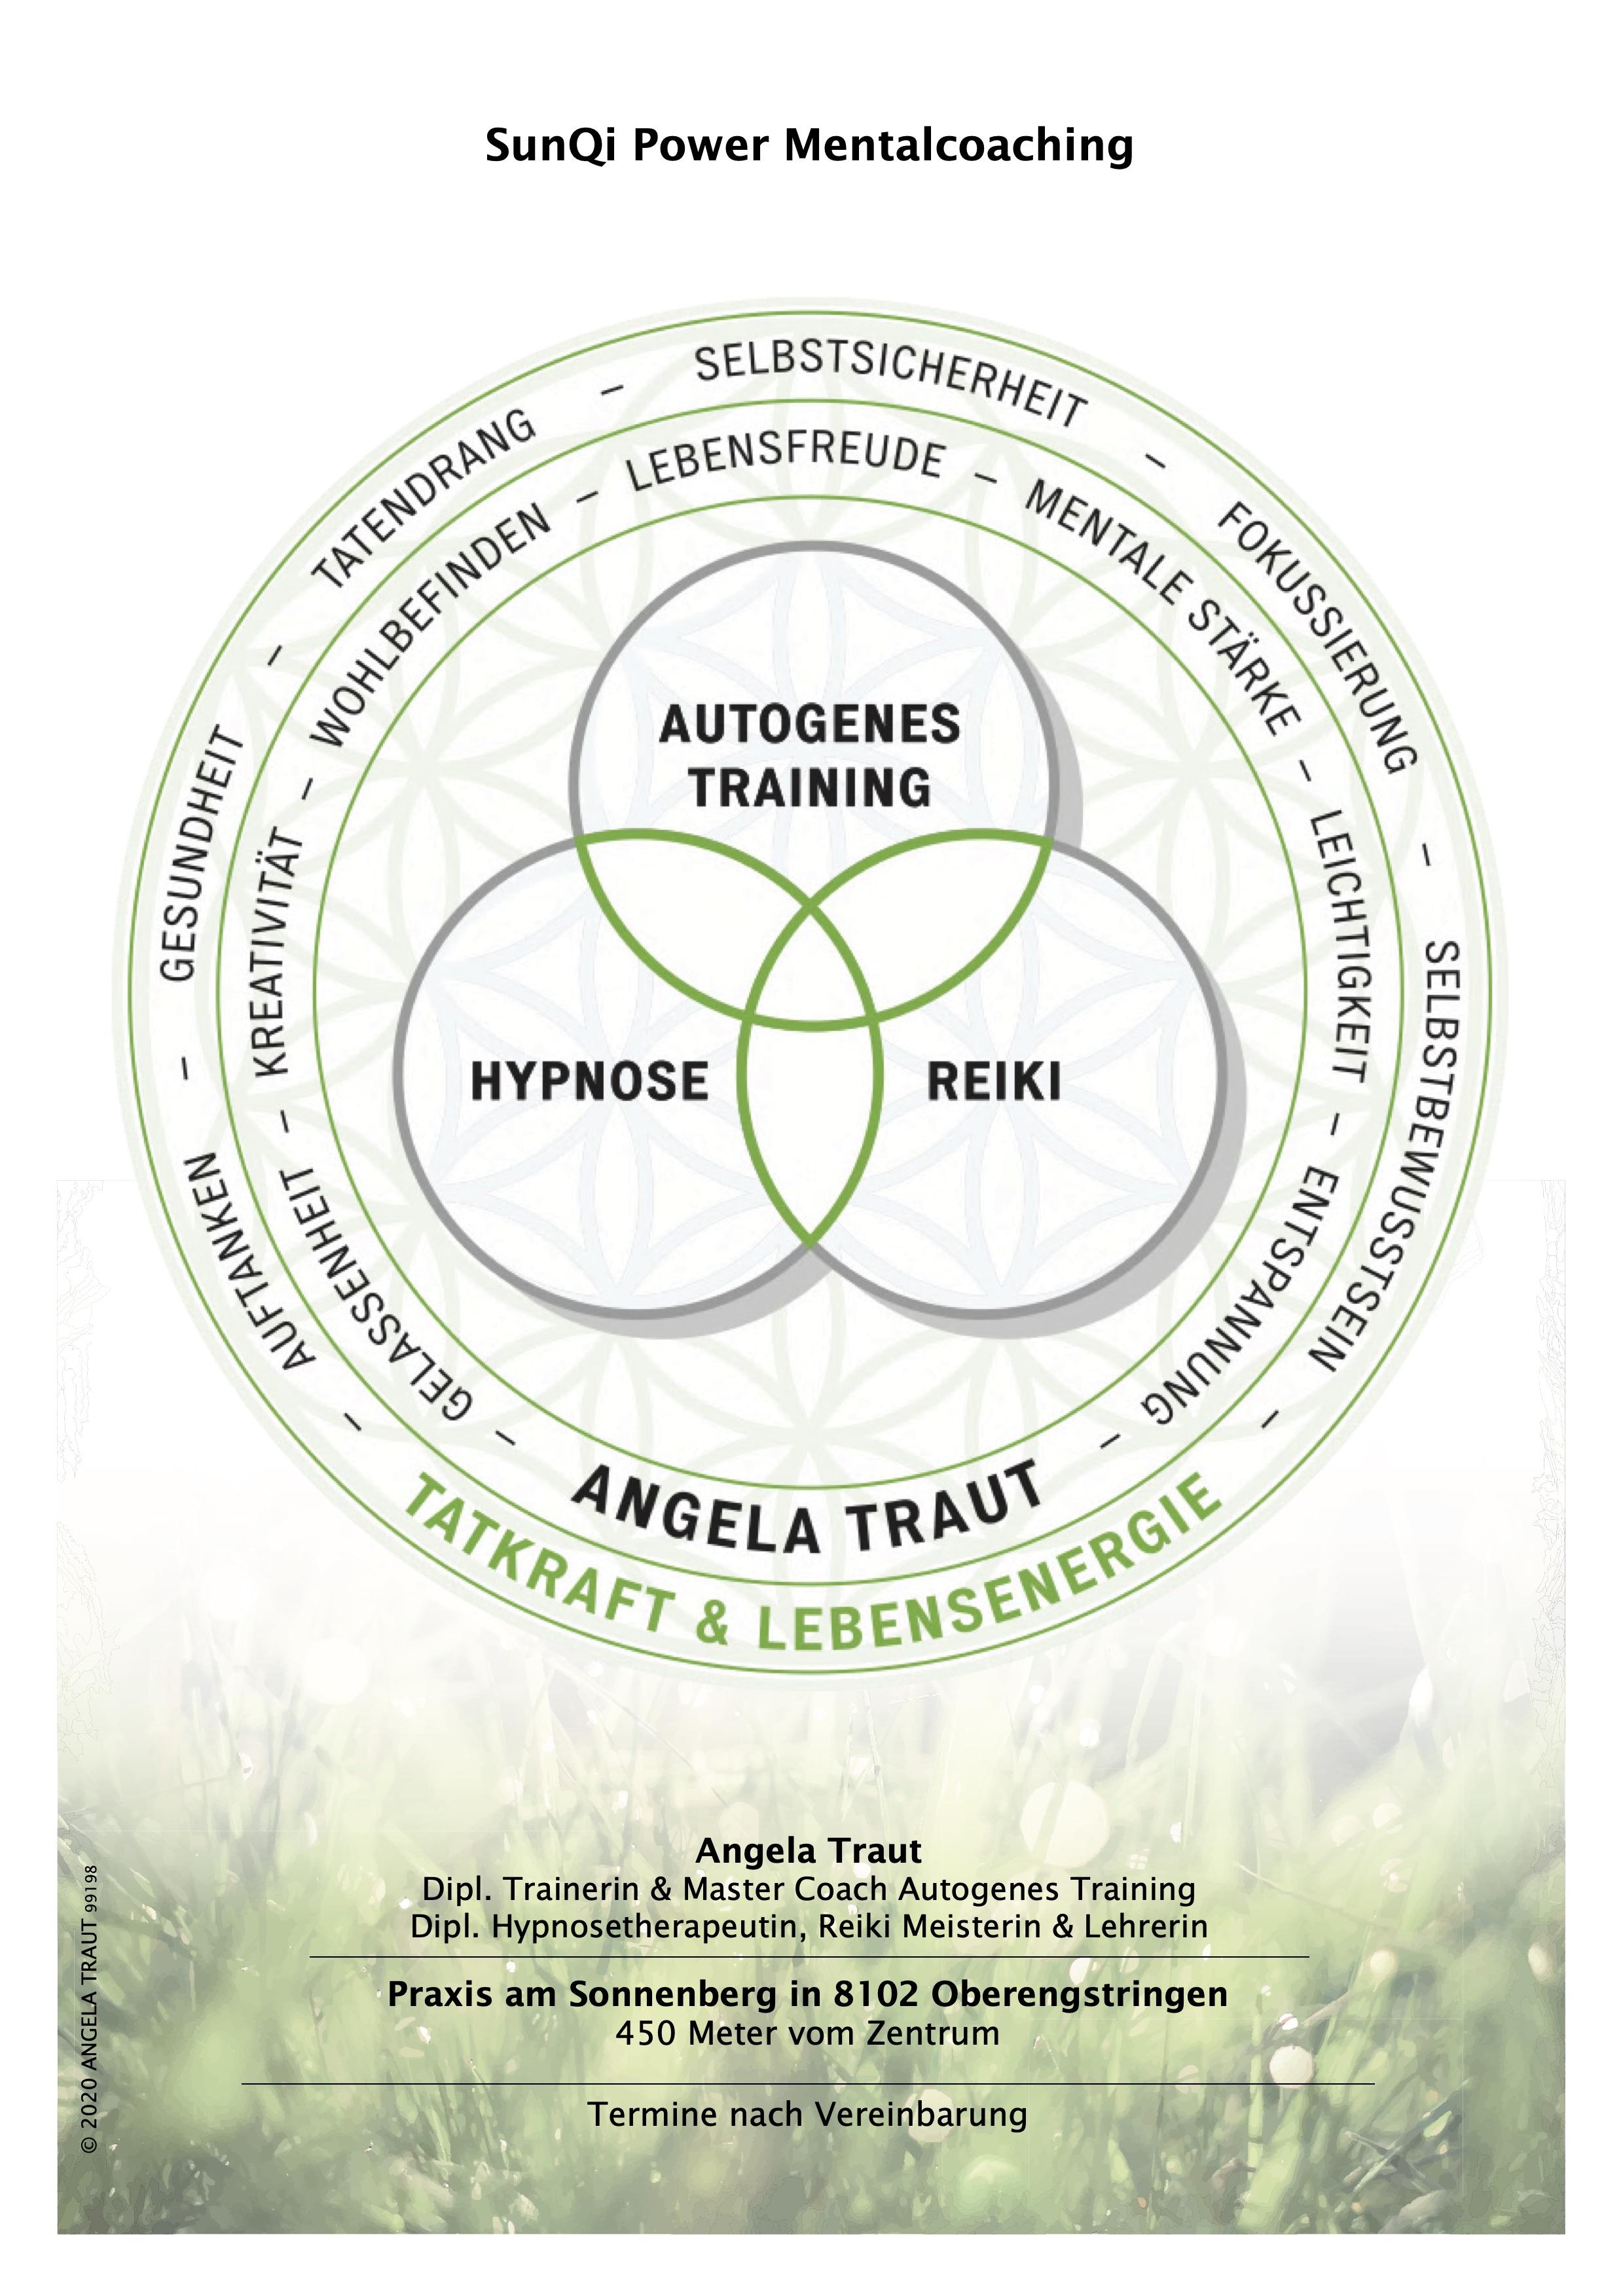 Entspannung, Leichtigkeit, Kraft und Energie mit Angela Traut wieder ins Gleichgewicht kommen durch Autogenes Training, Reiki, Hypnose - Selbstverantwortung und Selbstbestimmtheit